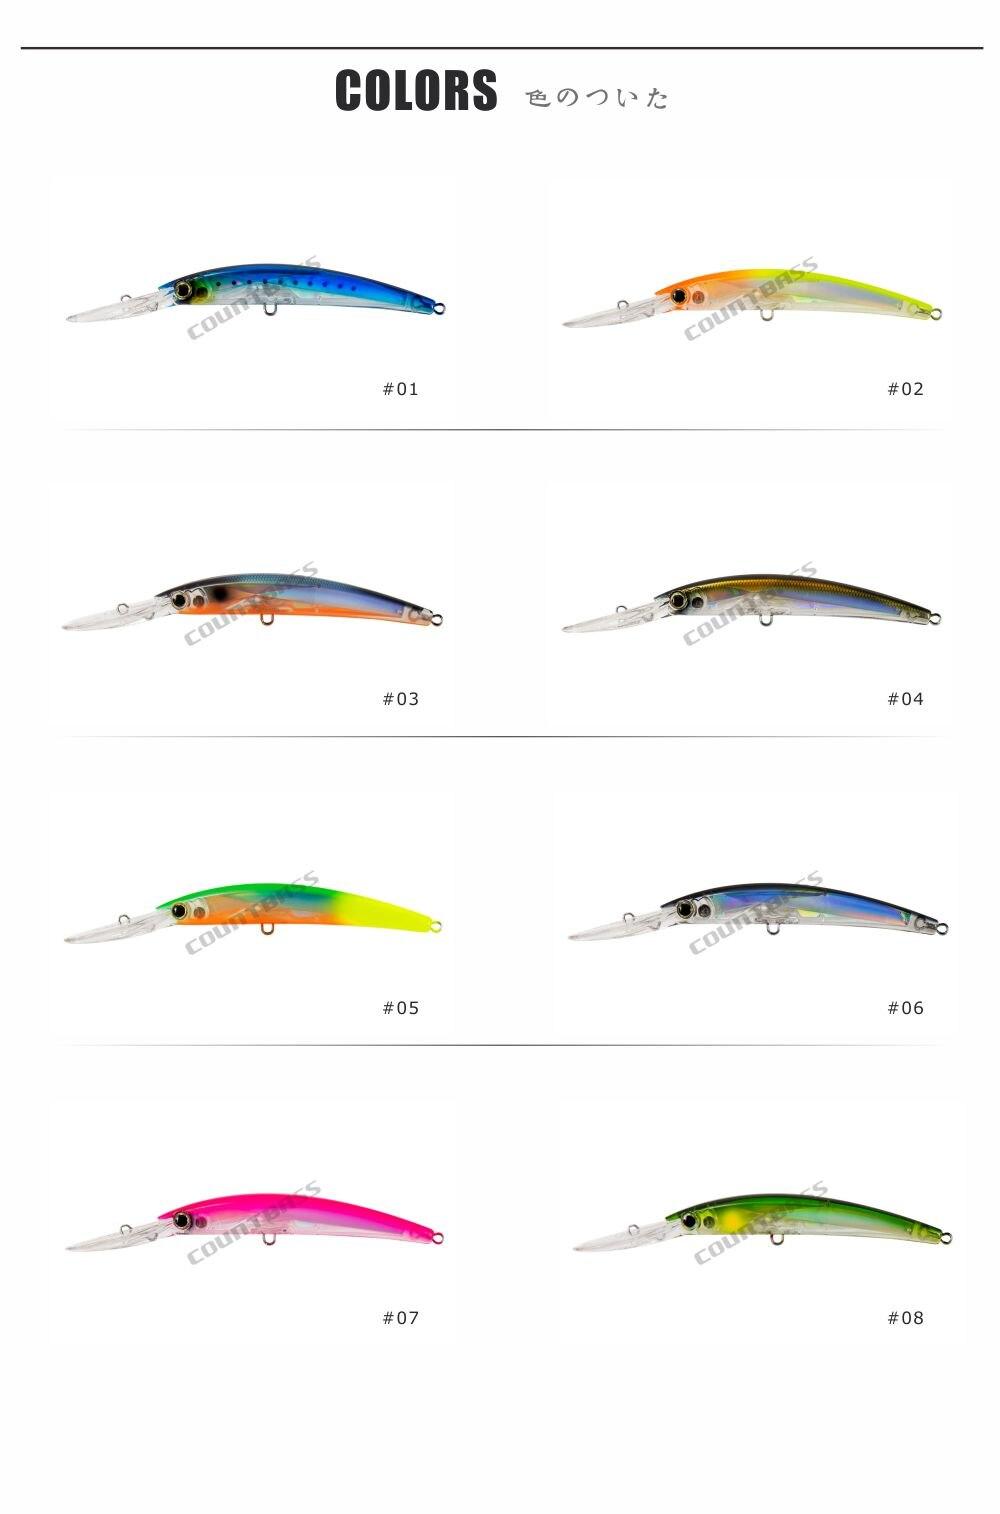 AM152-130-colors